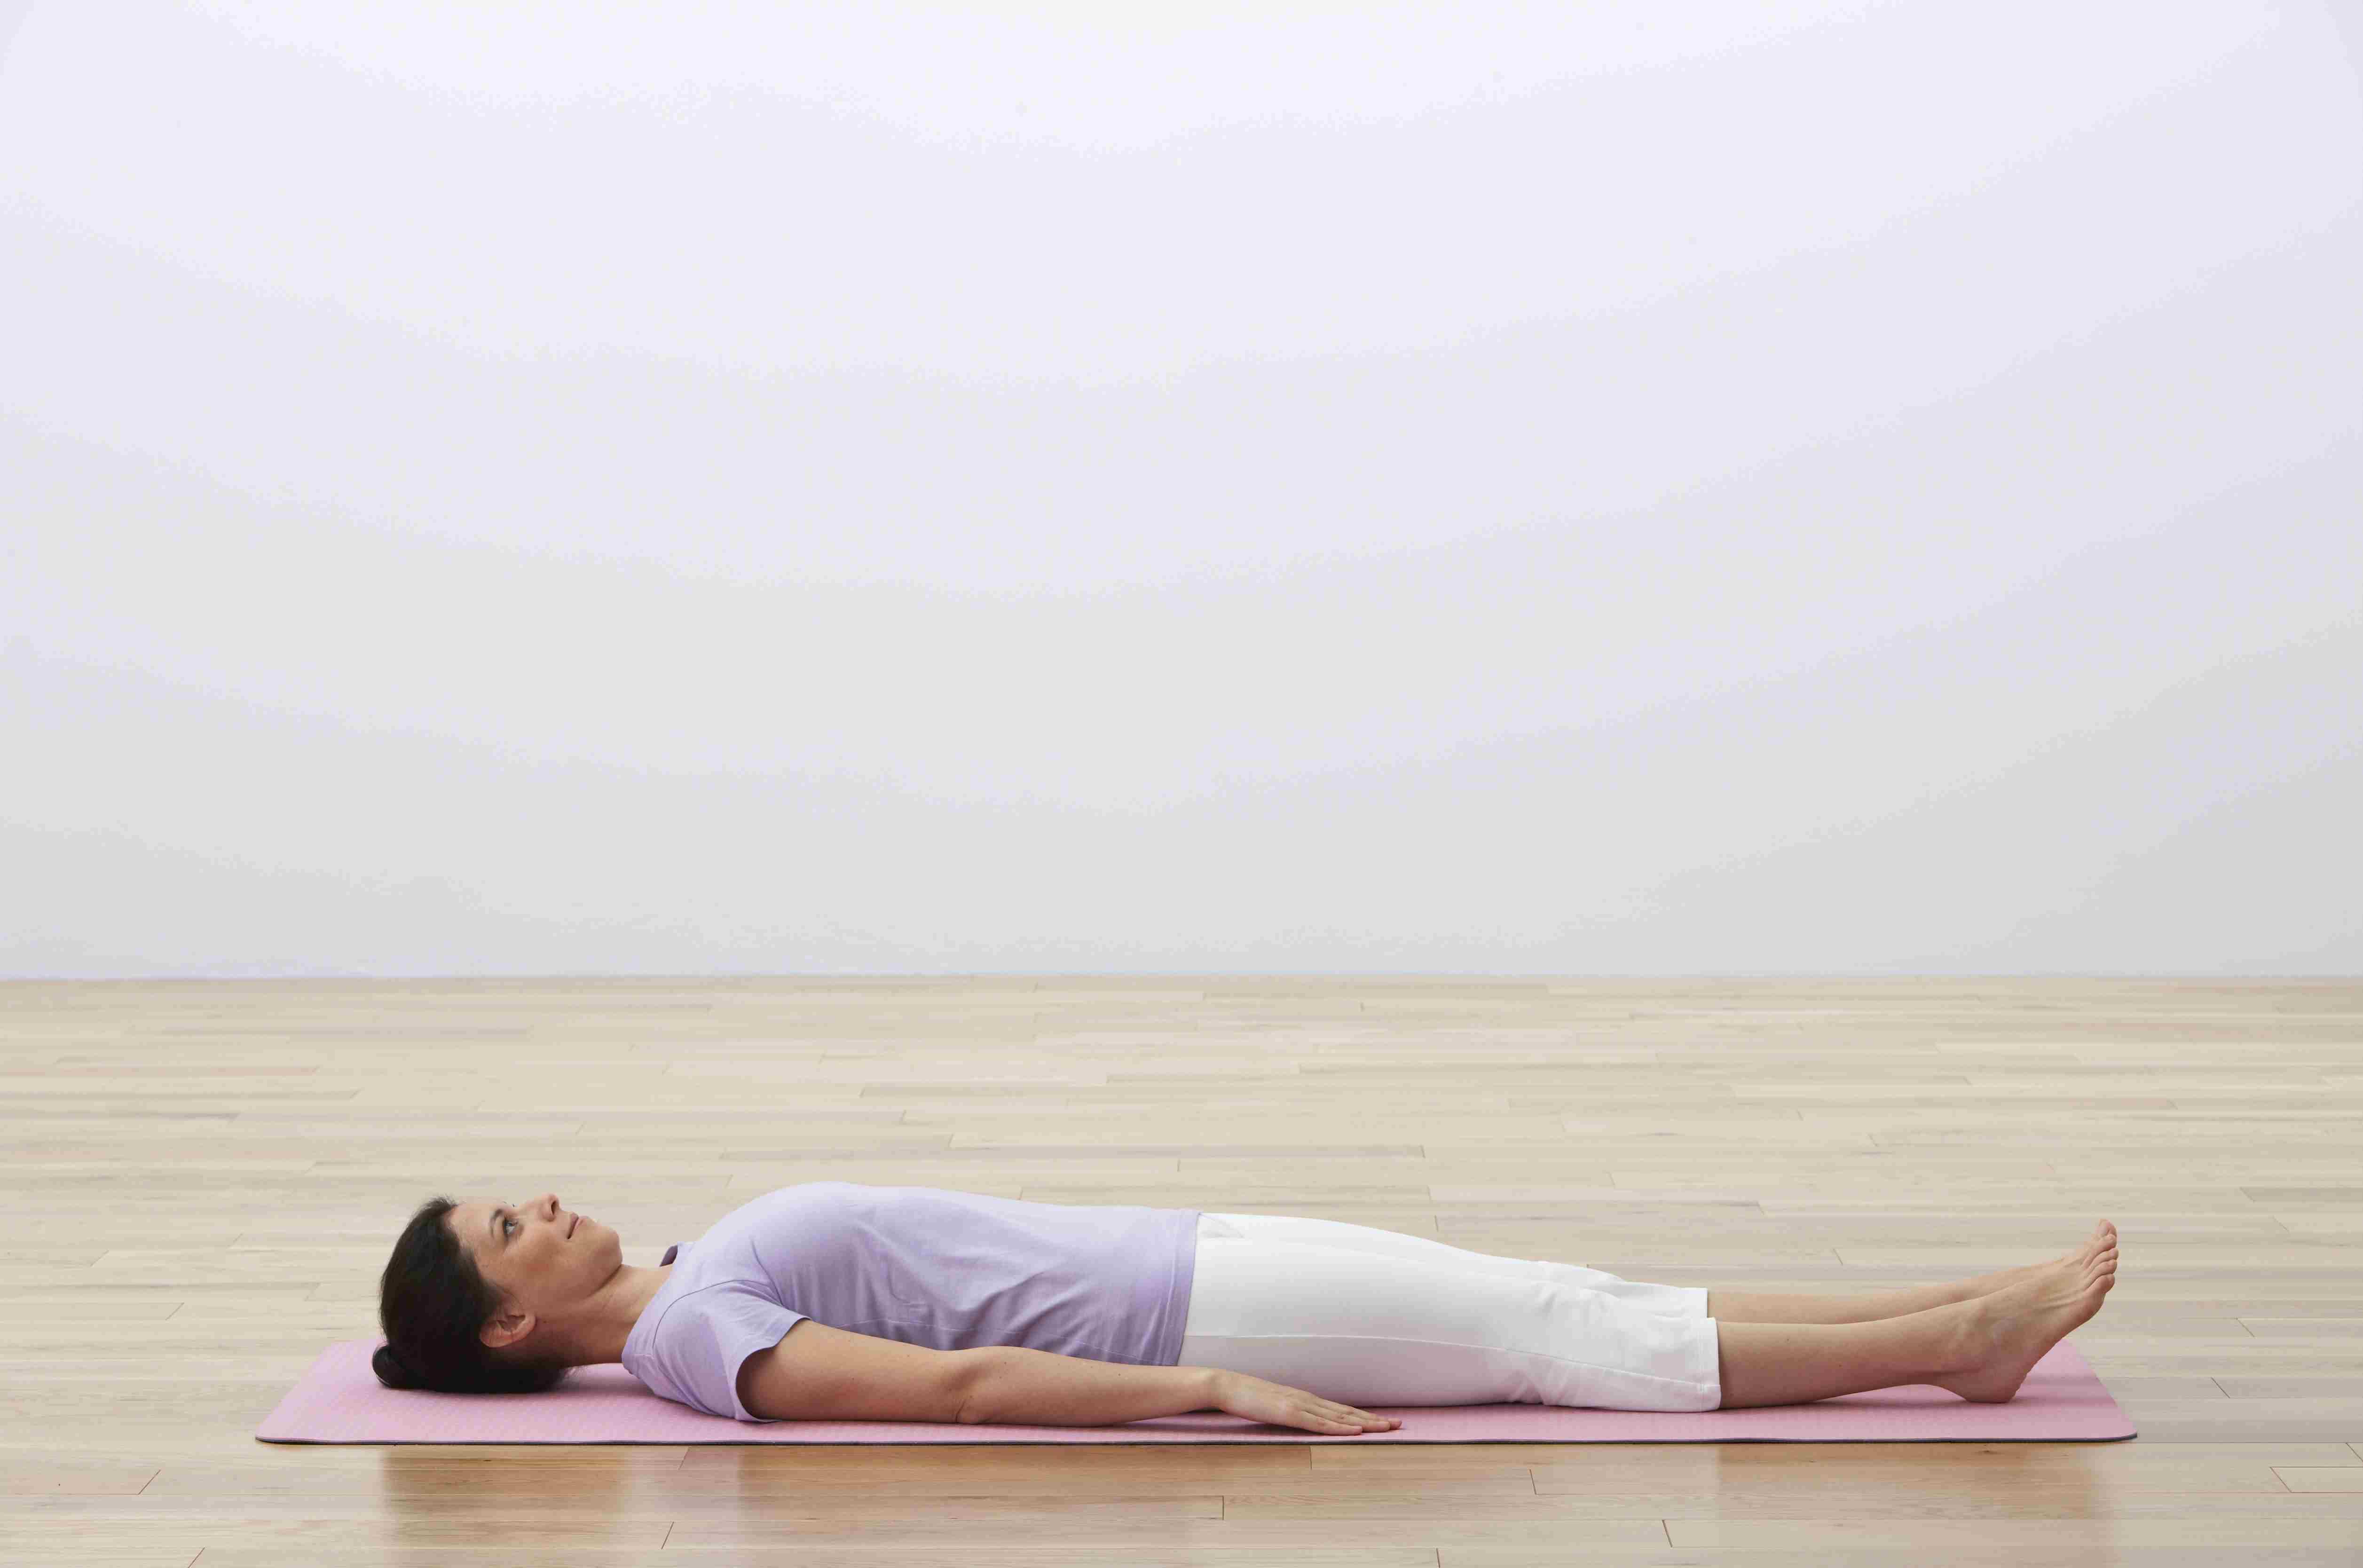 Mujer acostada de espaldas sobre una colchoneta de ejercicios, vista lateral